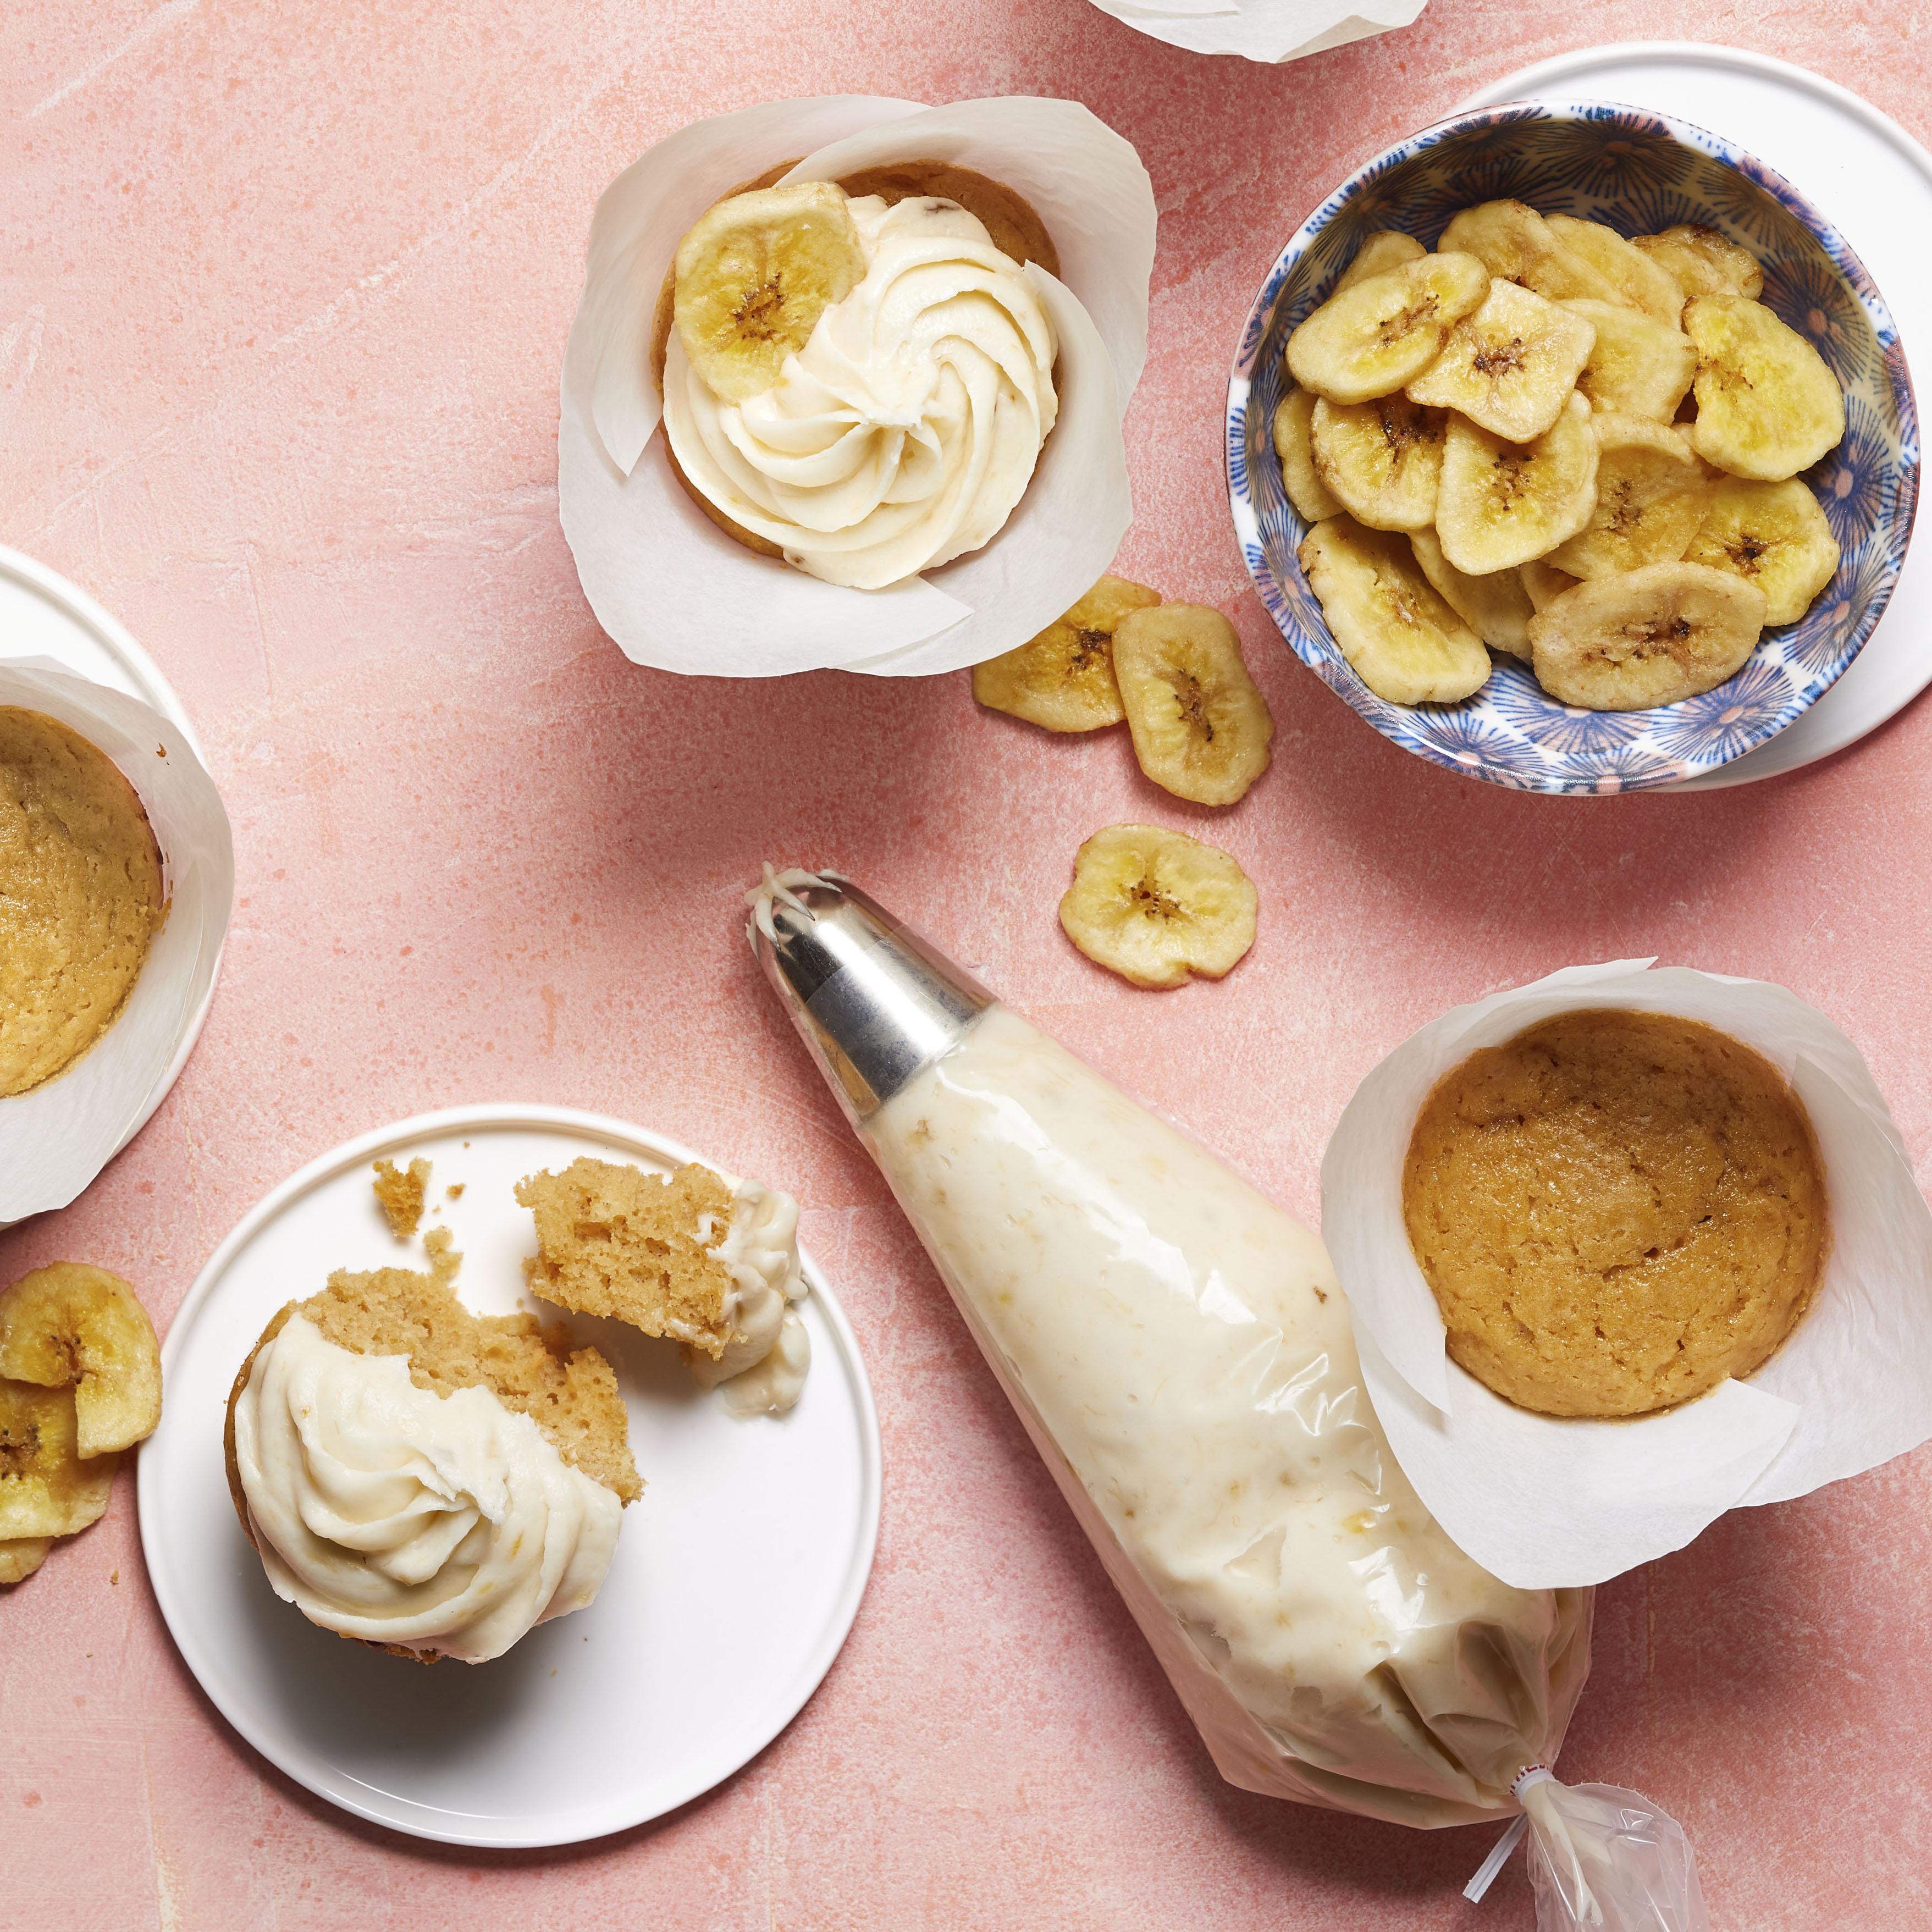 Lottie's Peanut Butter Cupcakes